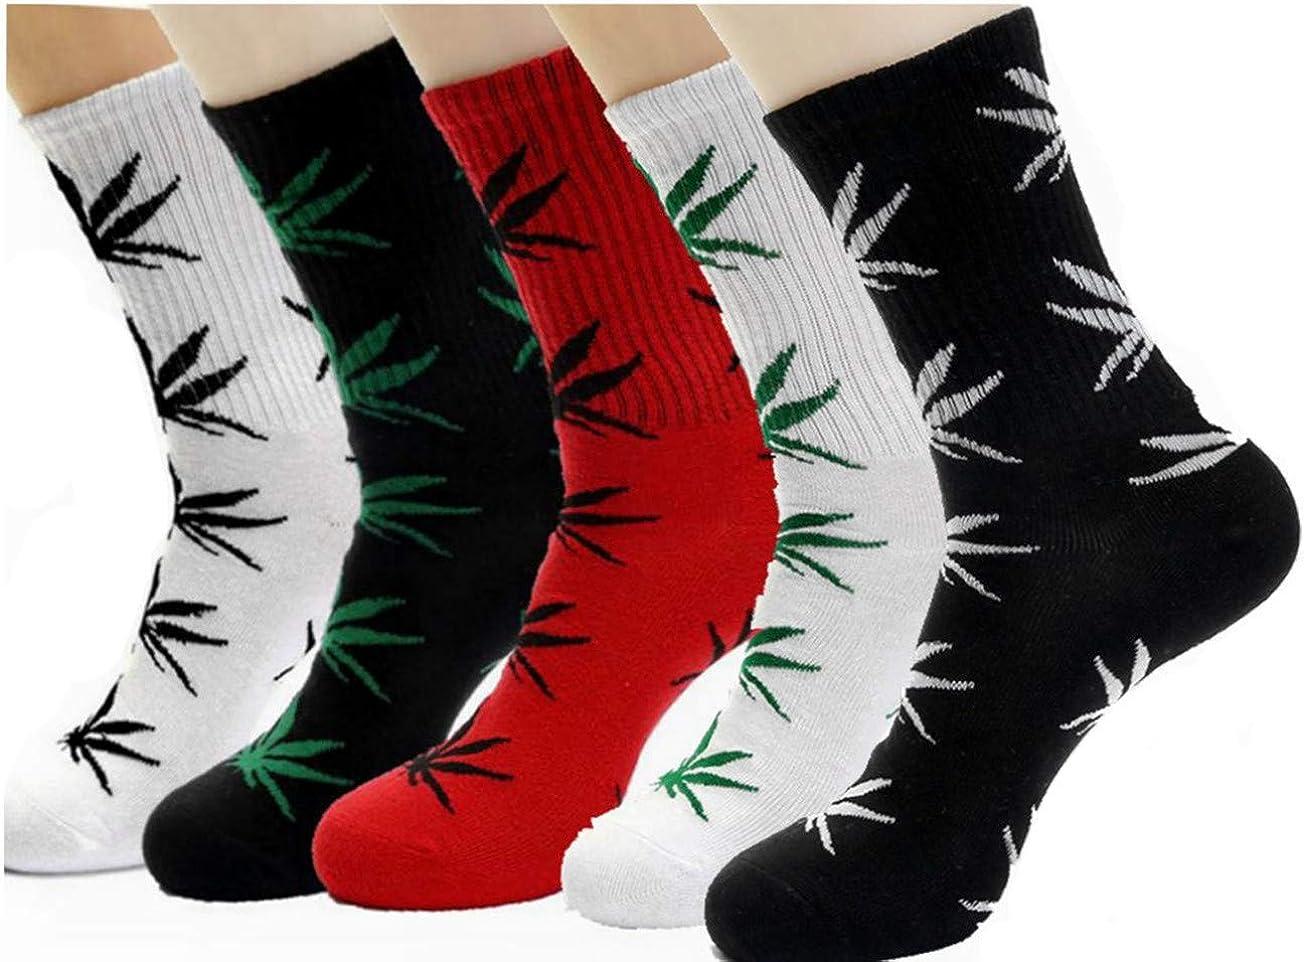 Lifevv 5 Pairs Unisex Marijuana Weed Leaf Cotton Athletic Sports Marijuana High Crew Socks